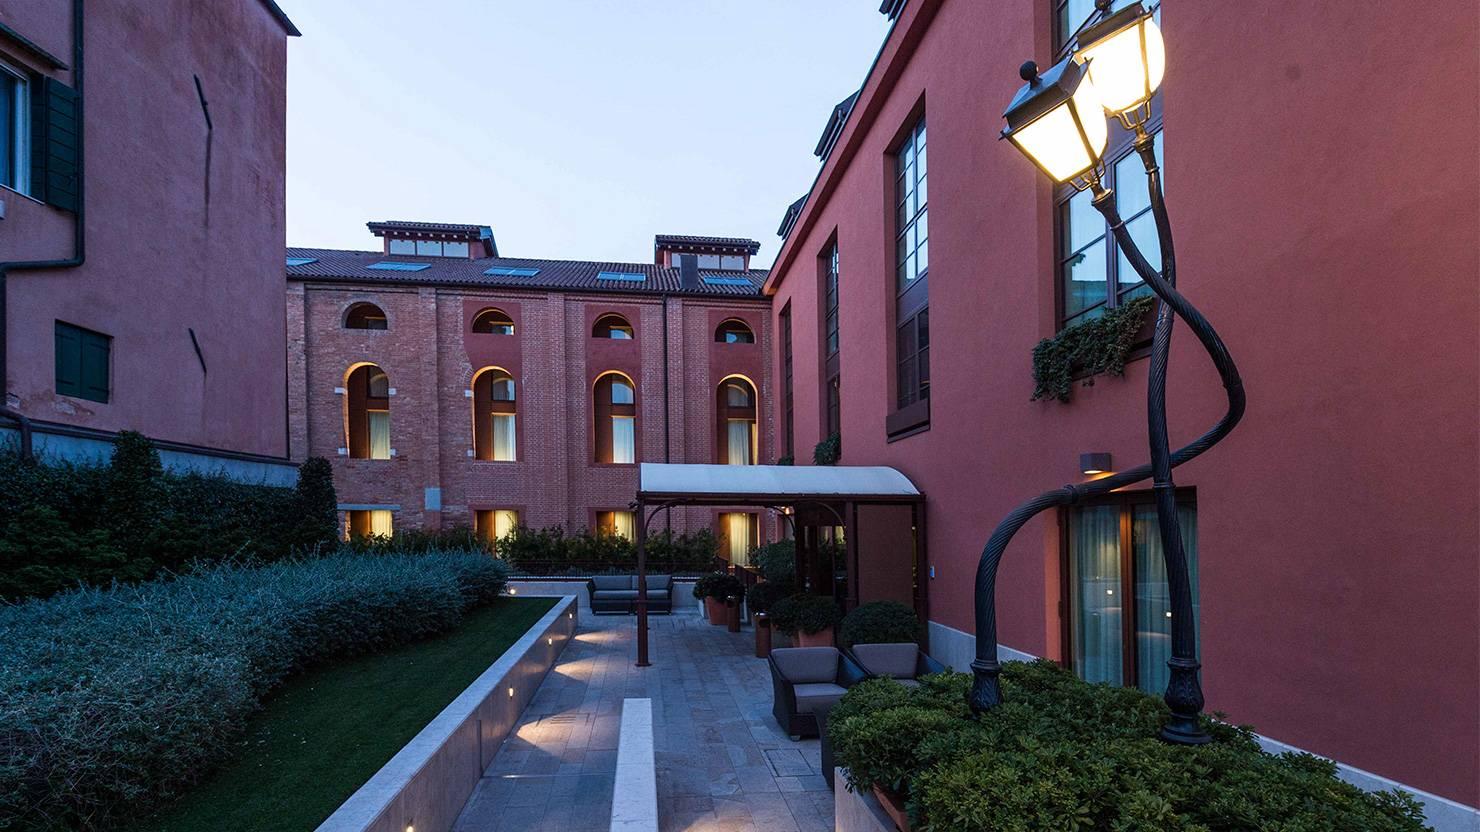 acciaio-zincato-serramenti-hotel-la-gare-seccosistemi-2_project_big